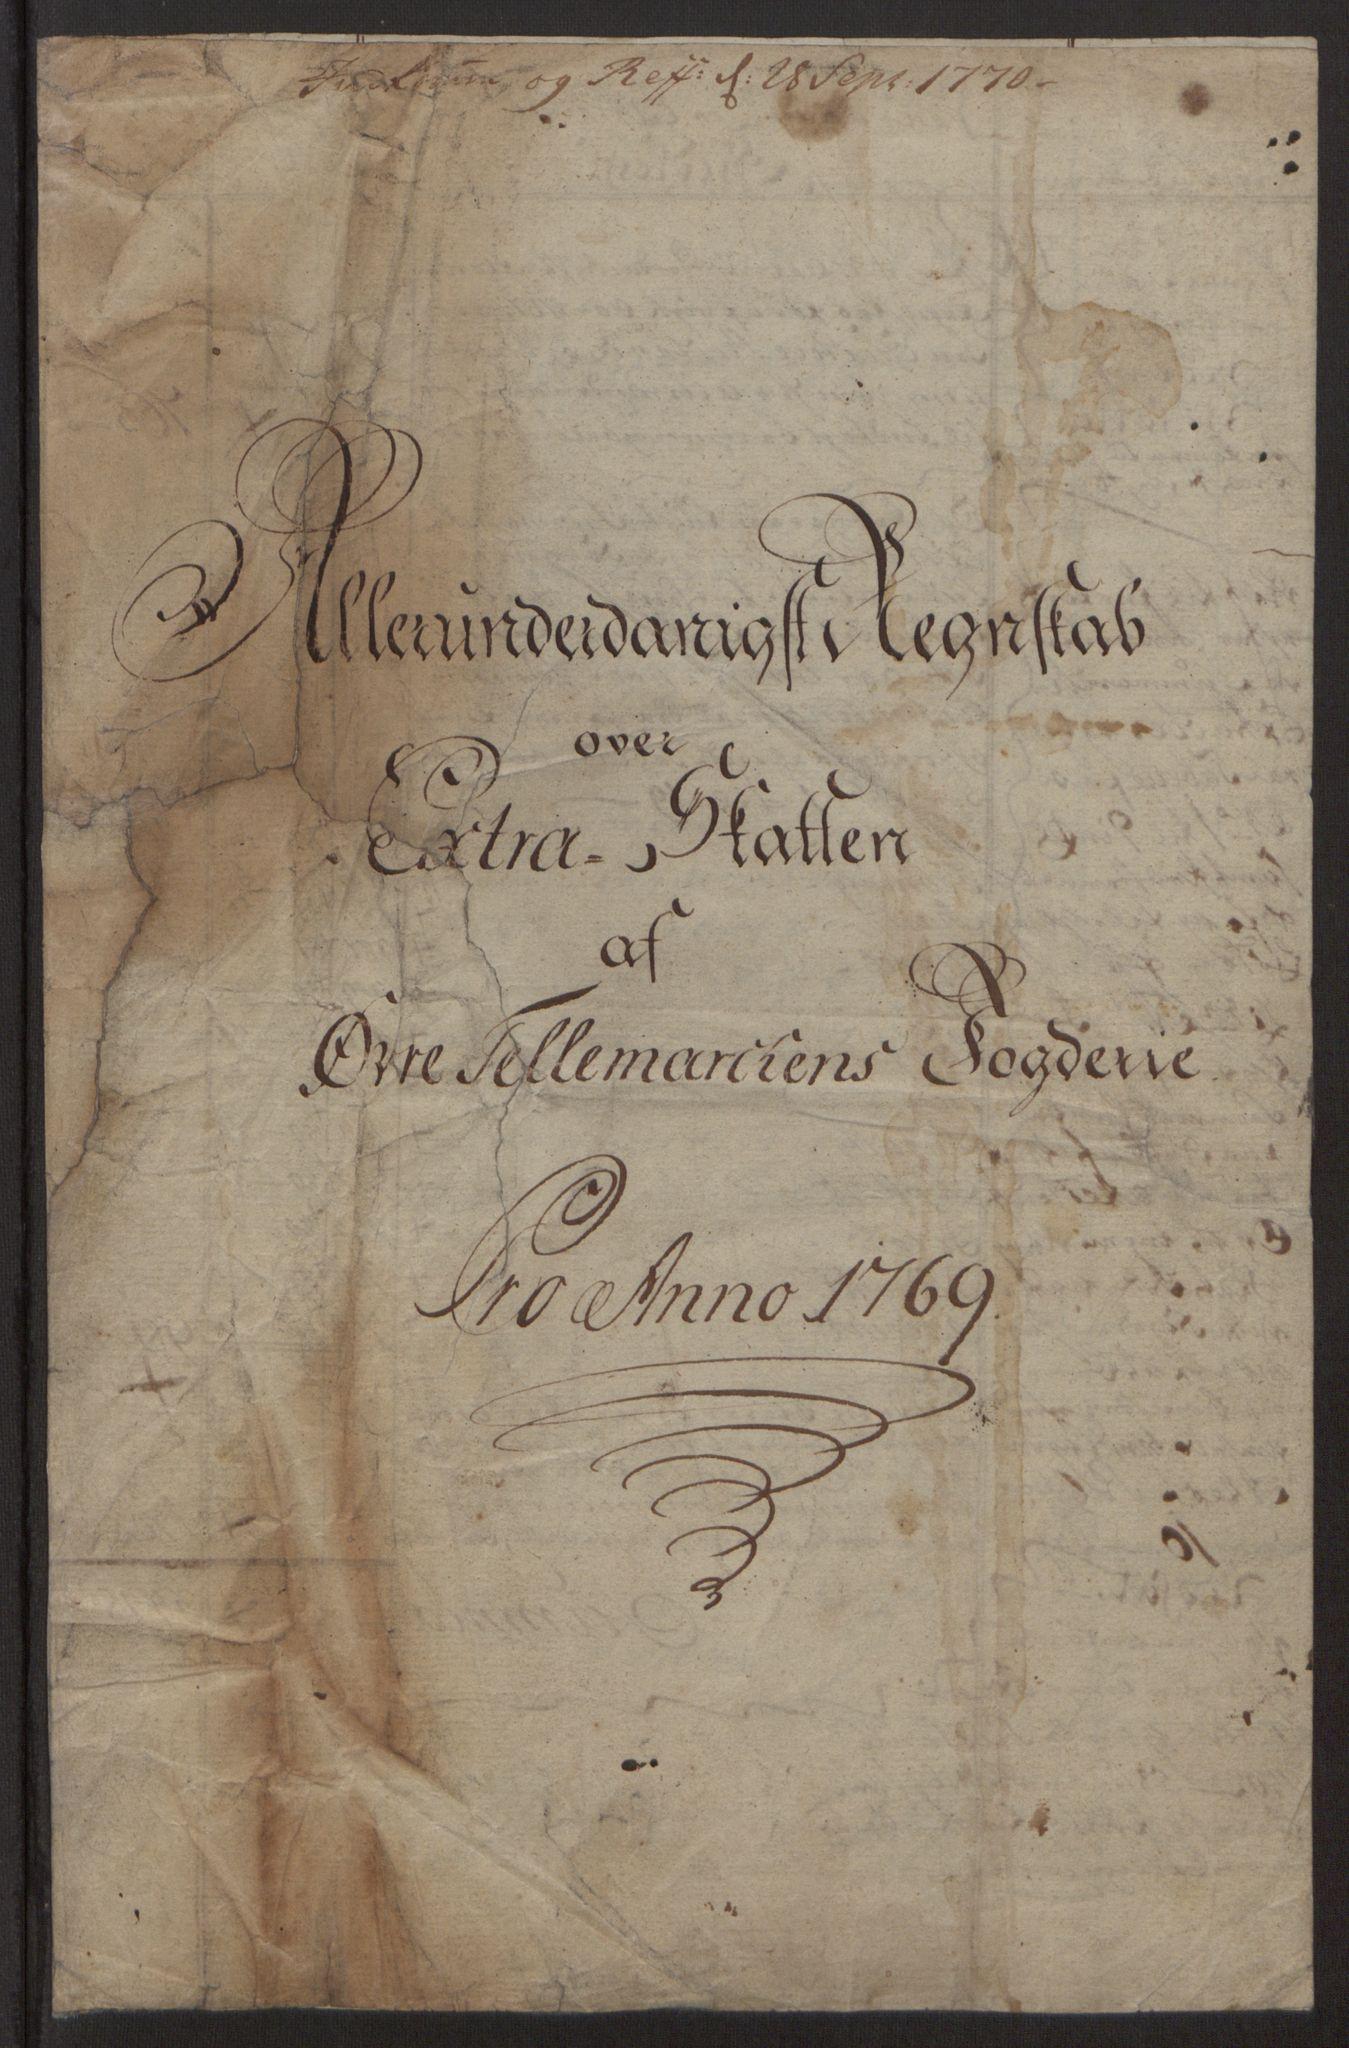 RA, Rentekammeret inntil 1814, Reviderte regnskaper, Fogderegnskap, R38/L2293: Ekstraskatten Øvre Telemark, 1762-1770, s. 139